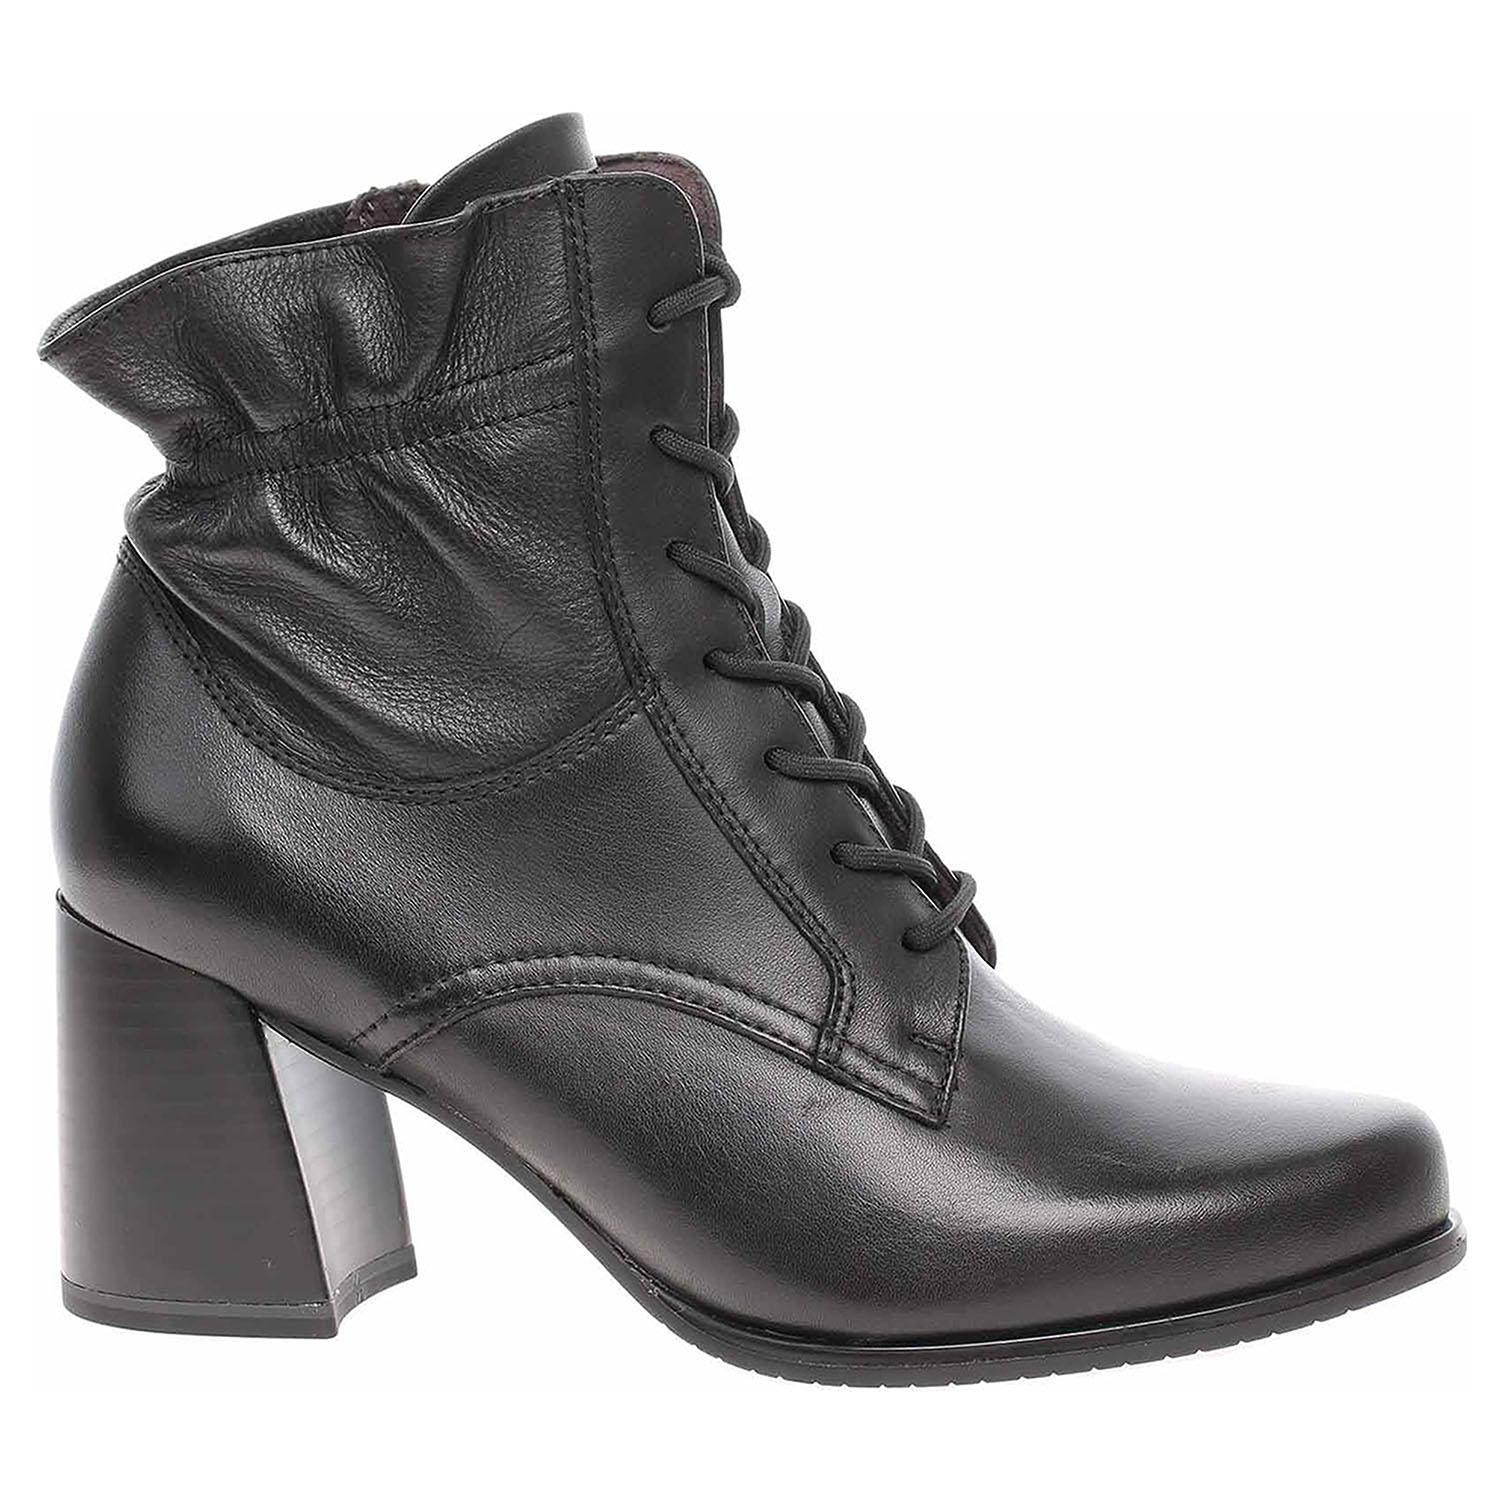 Tamaris dámská zimní obuv 1-25137-25 black 1-1-25137-25 001 39